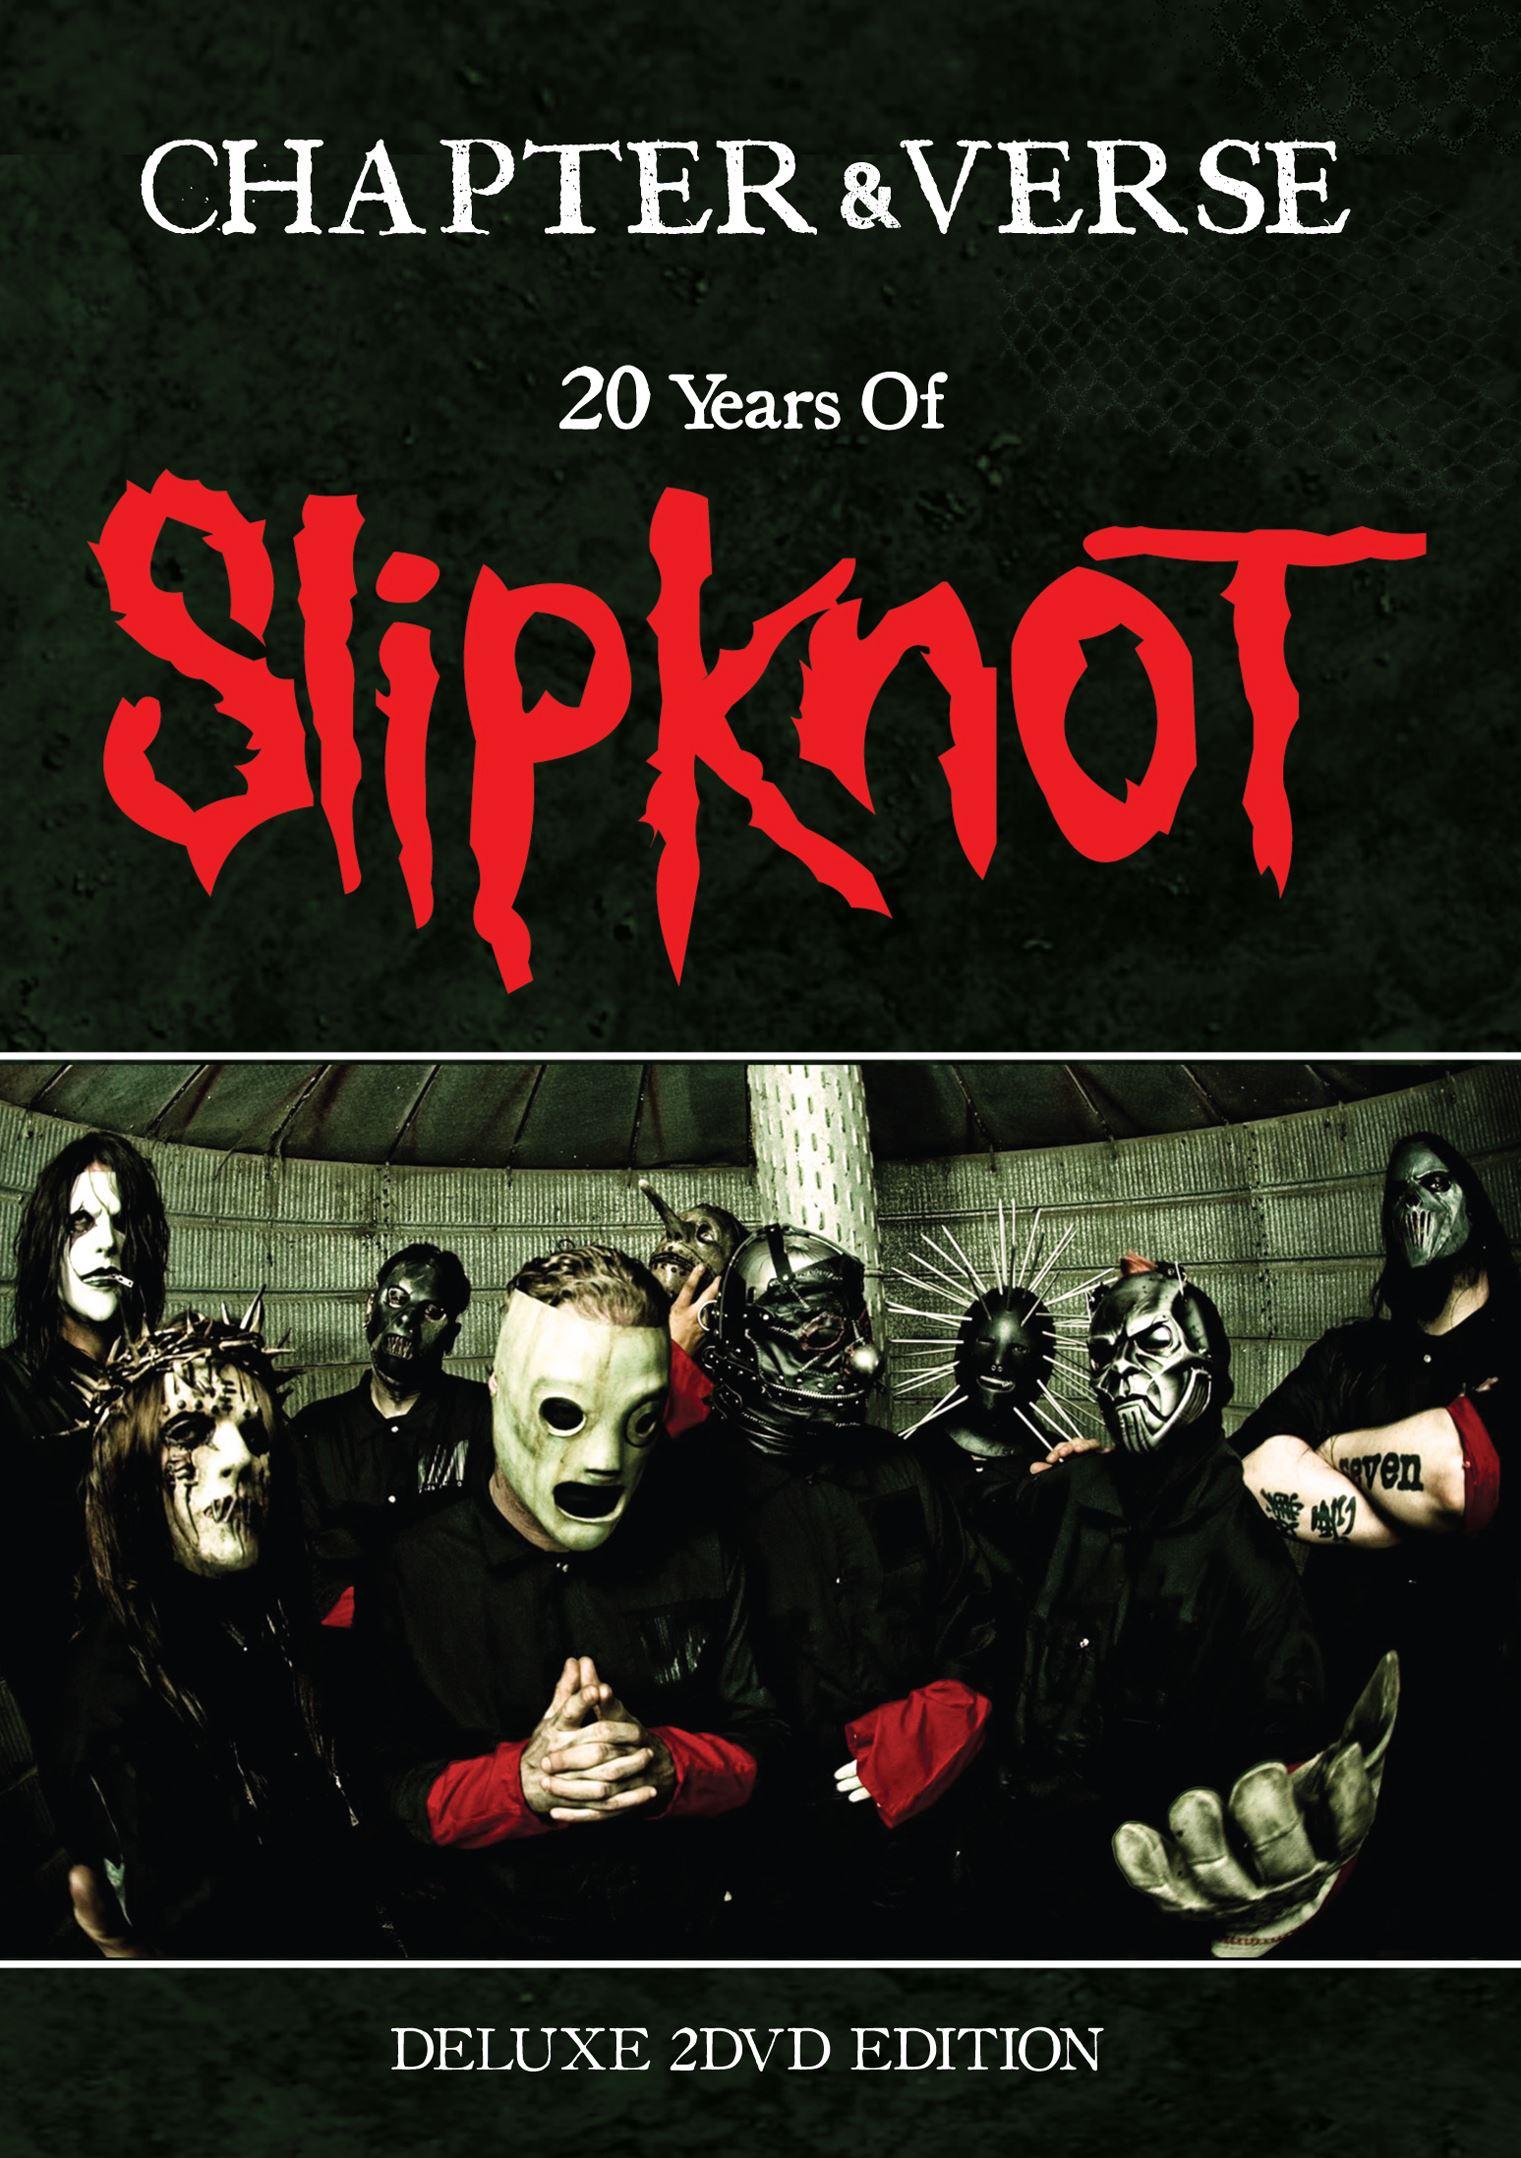 Slipknot: Chapter & Verse - 20 Years of Slipknot